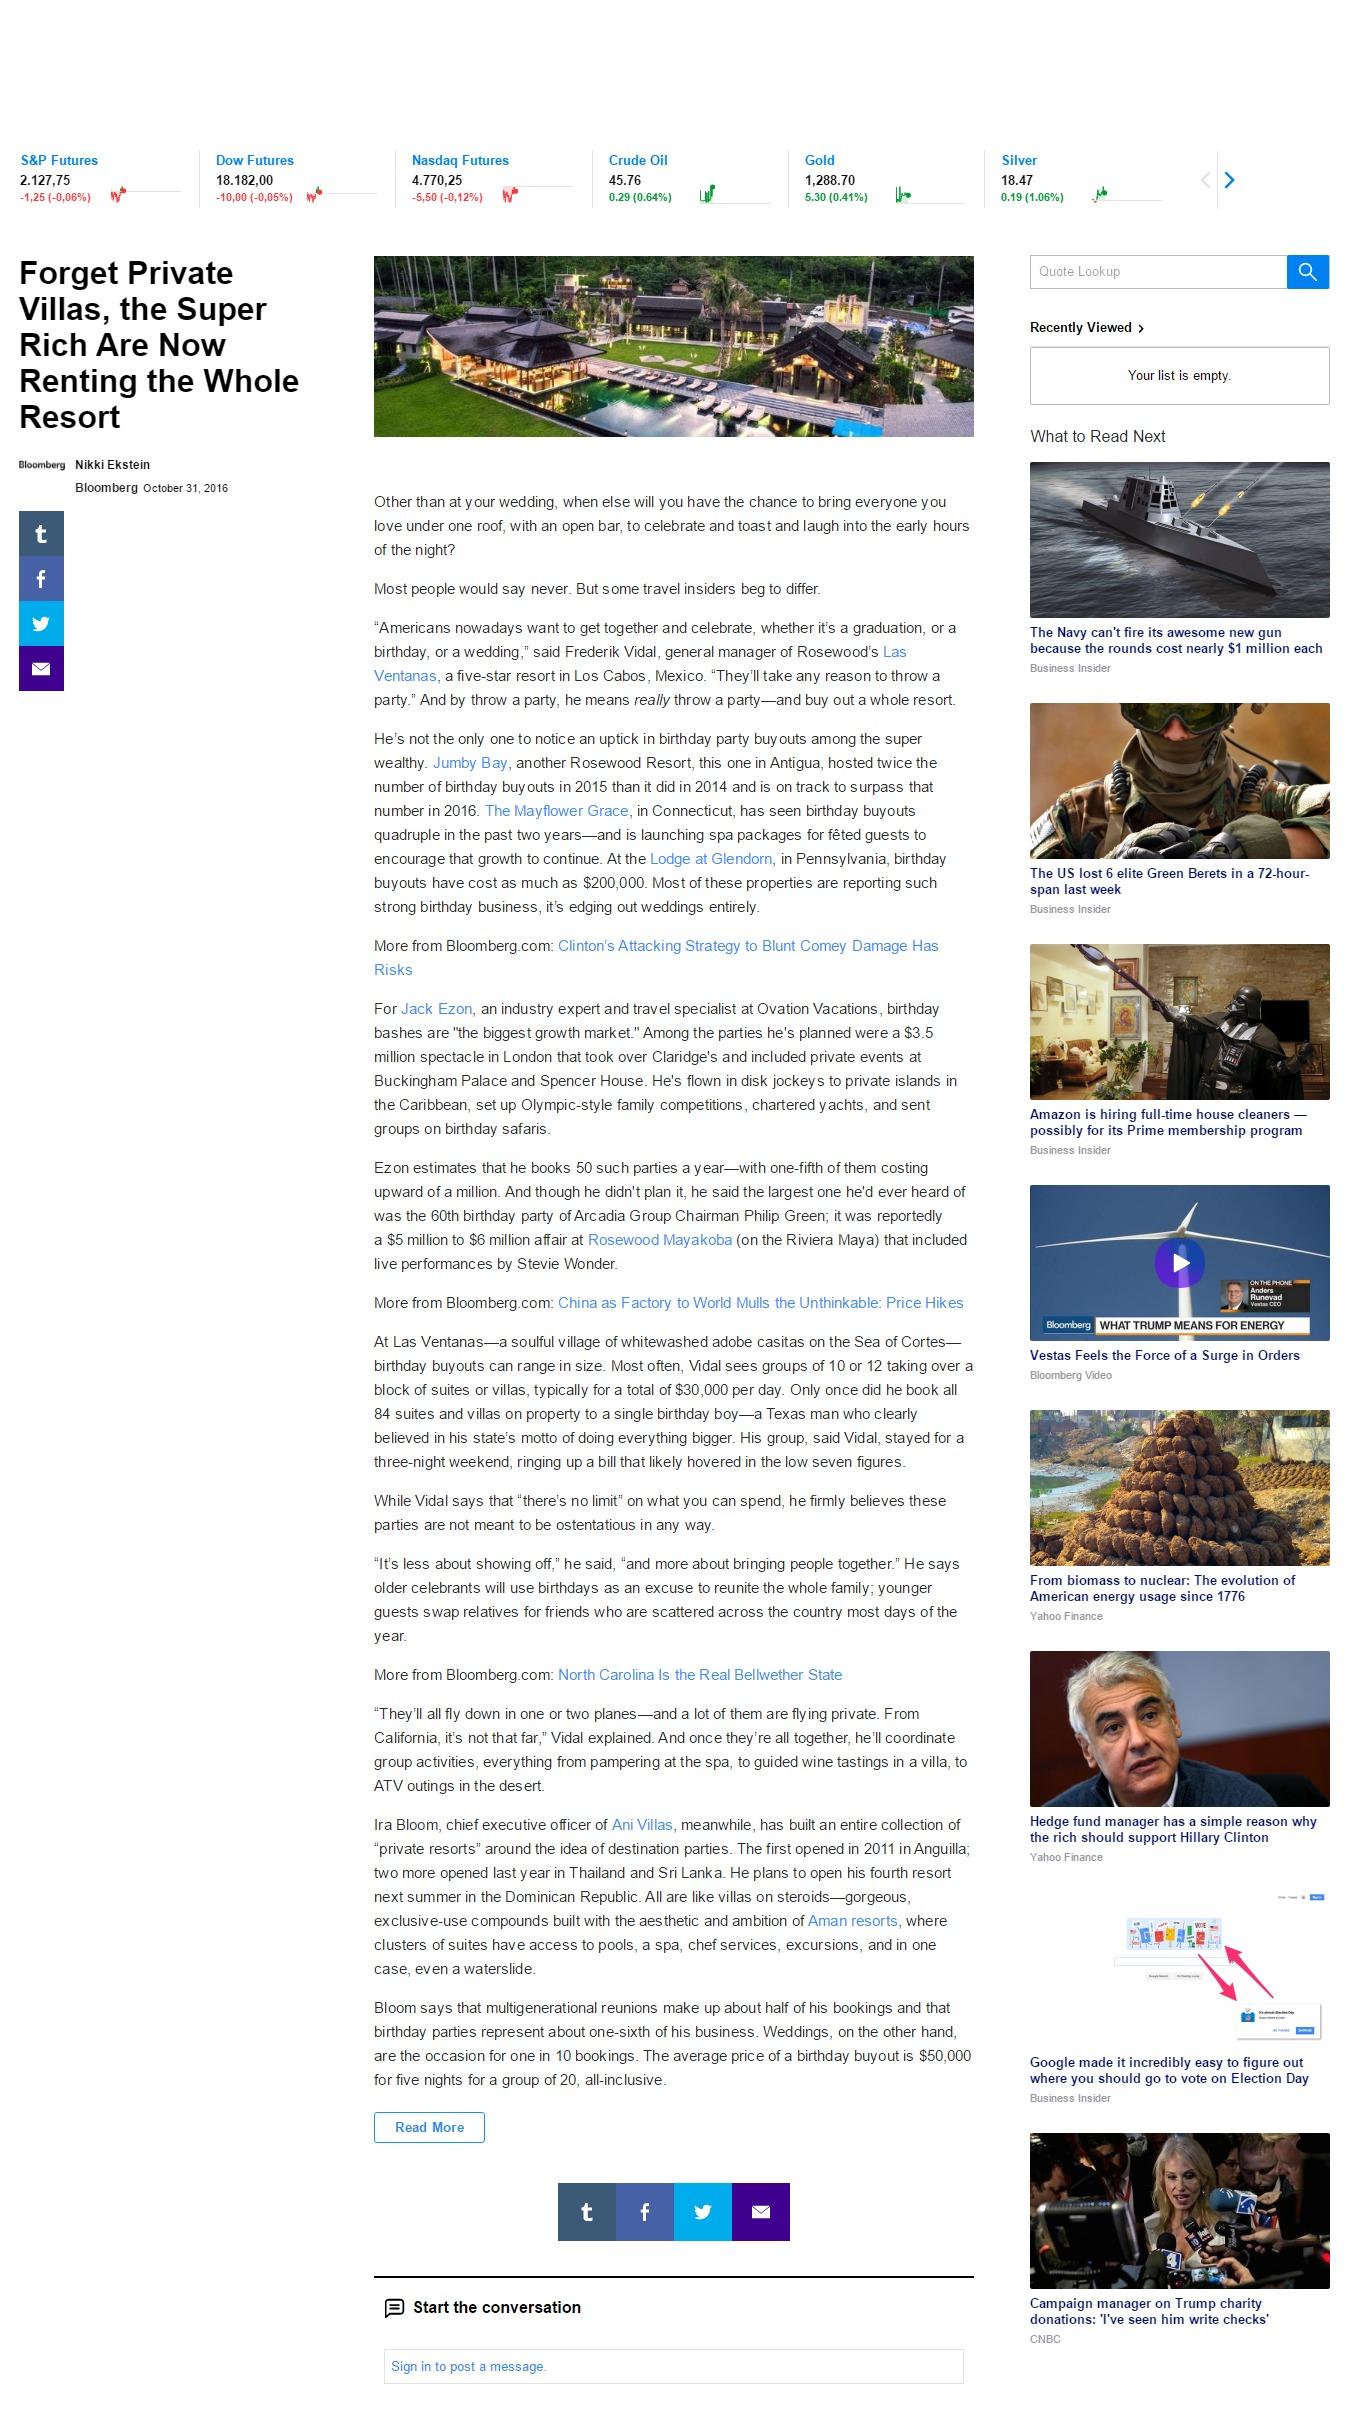 2016.10.31.Yahoo!Finance_Page_1_Image_0001.jpg